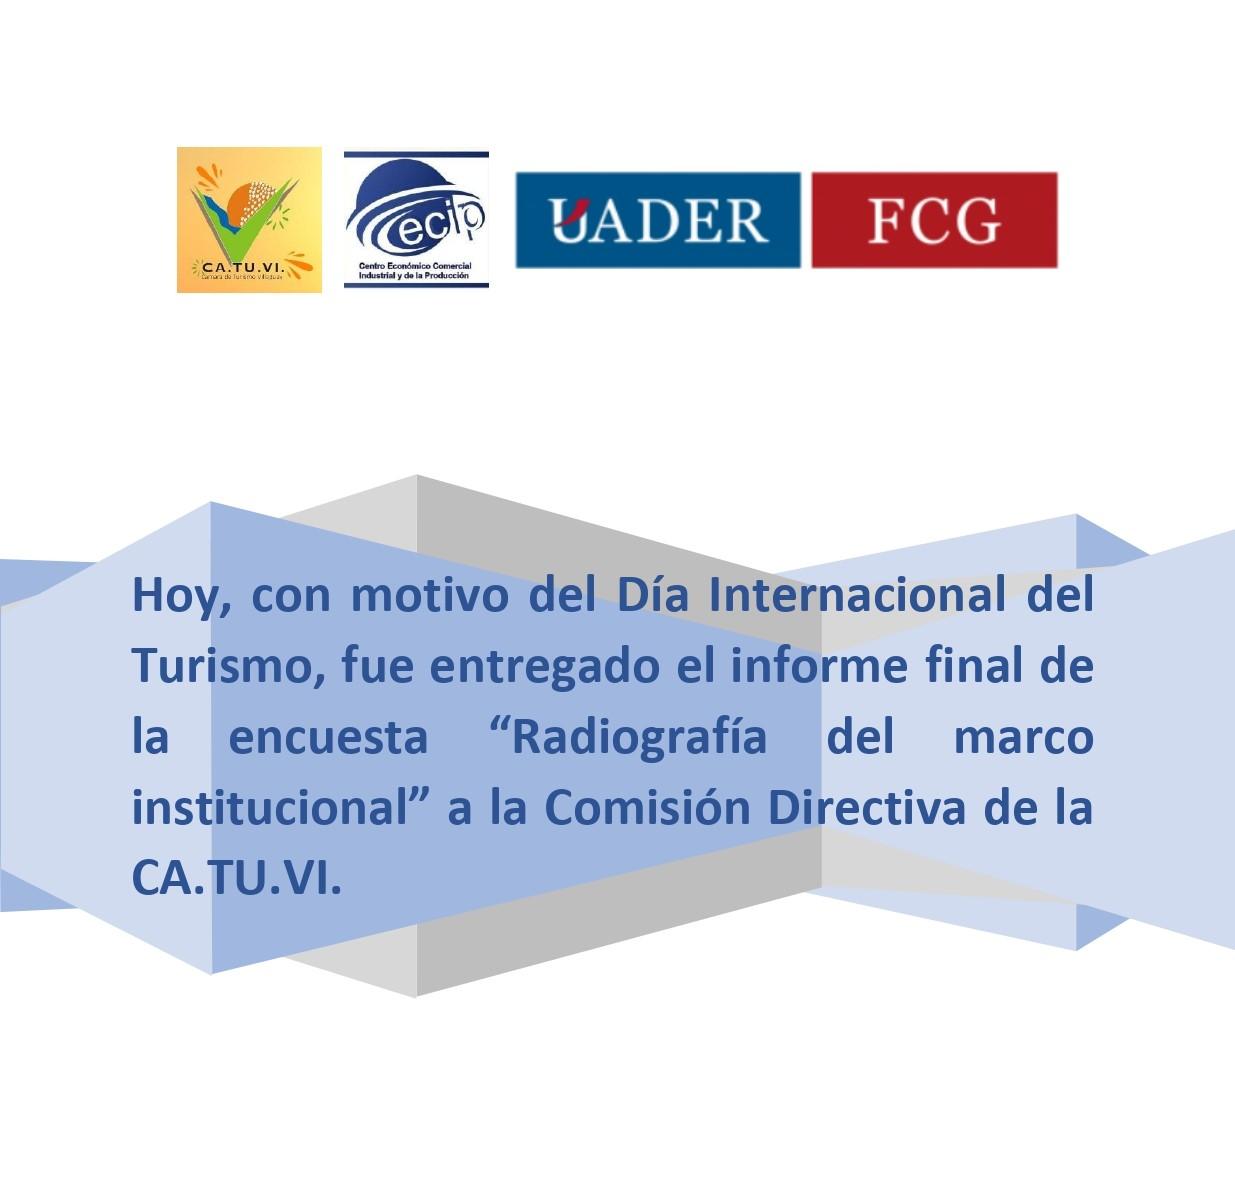 CATUVI: DÍA DEL TURISMO CON ENTREGA DE IMPORTANTE TRABAJO DE ALUMNOS DE UADER VILLAGUAY